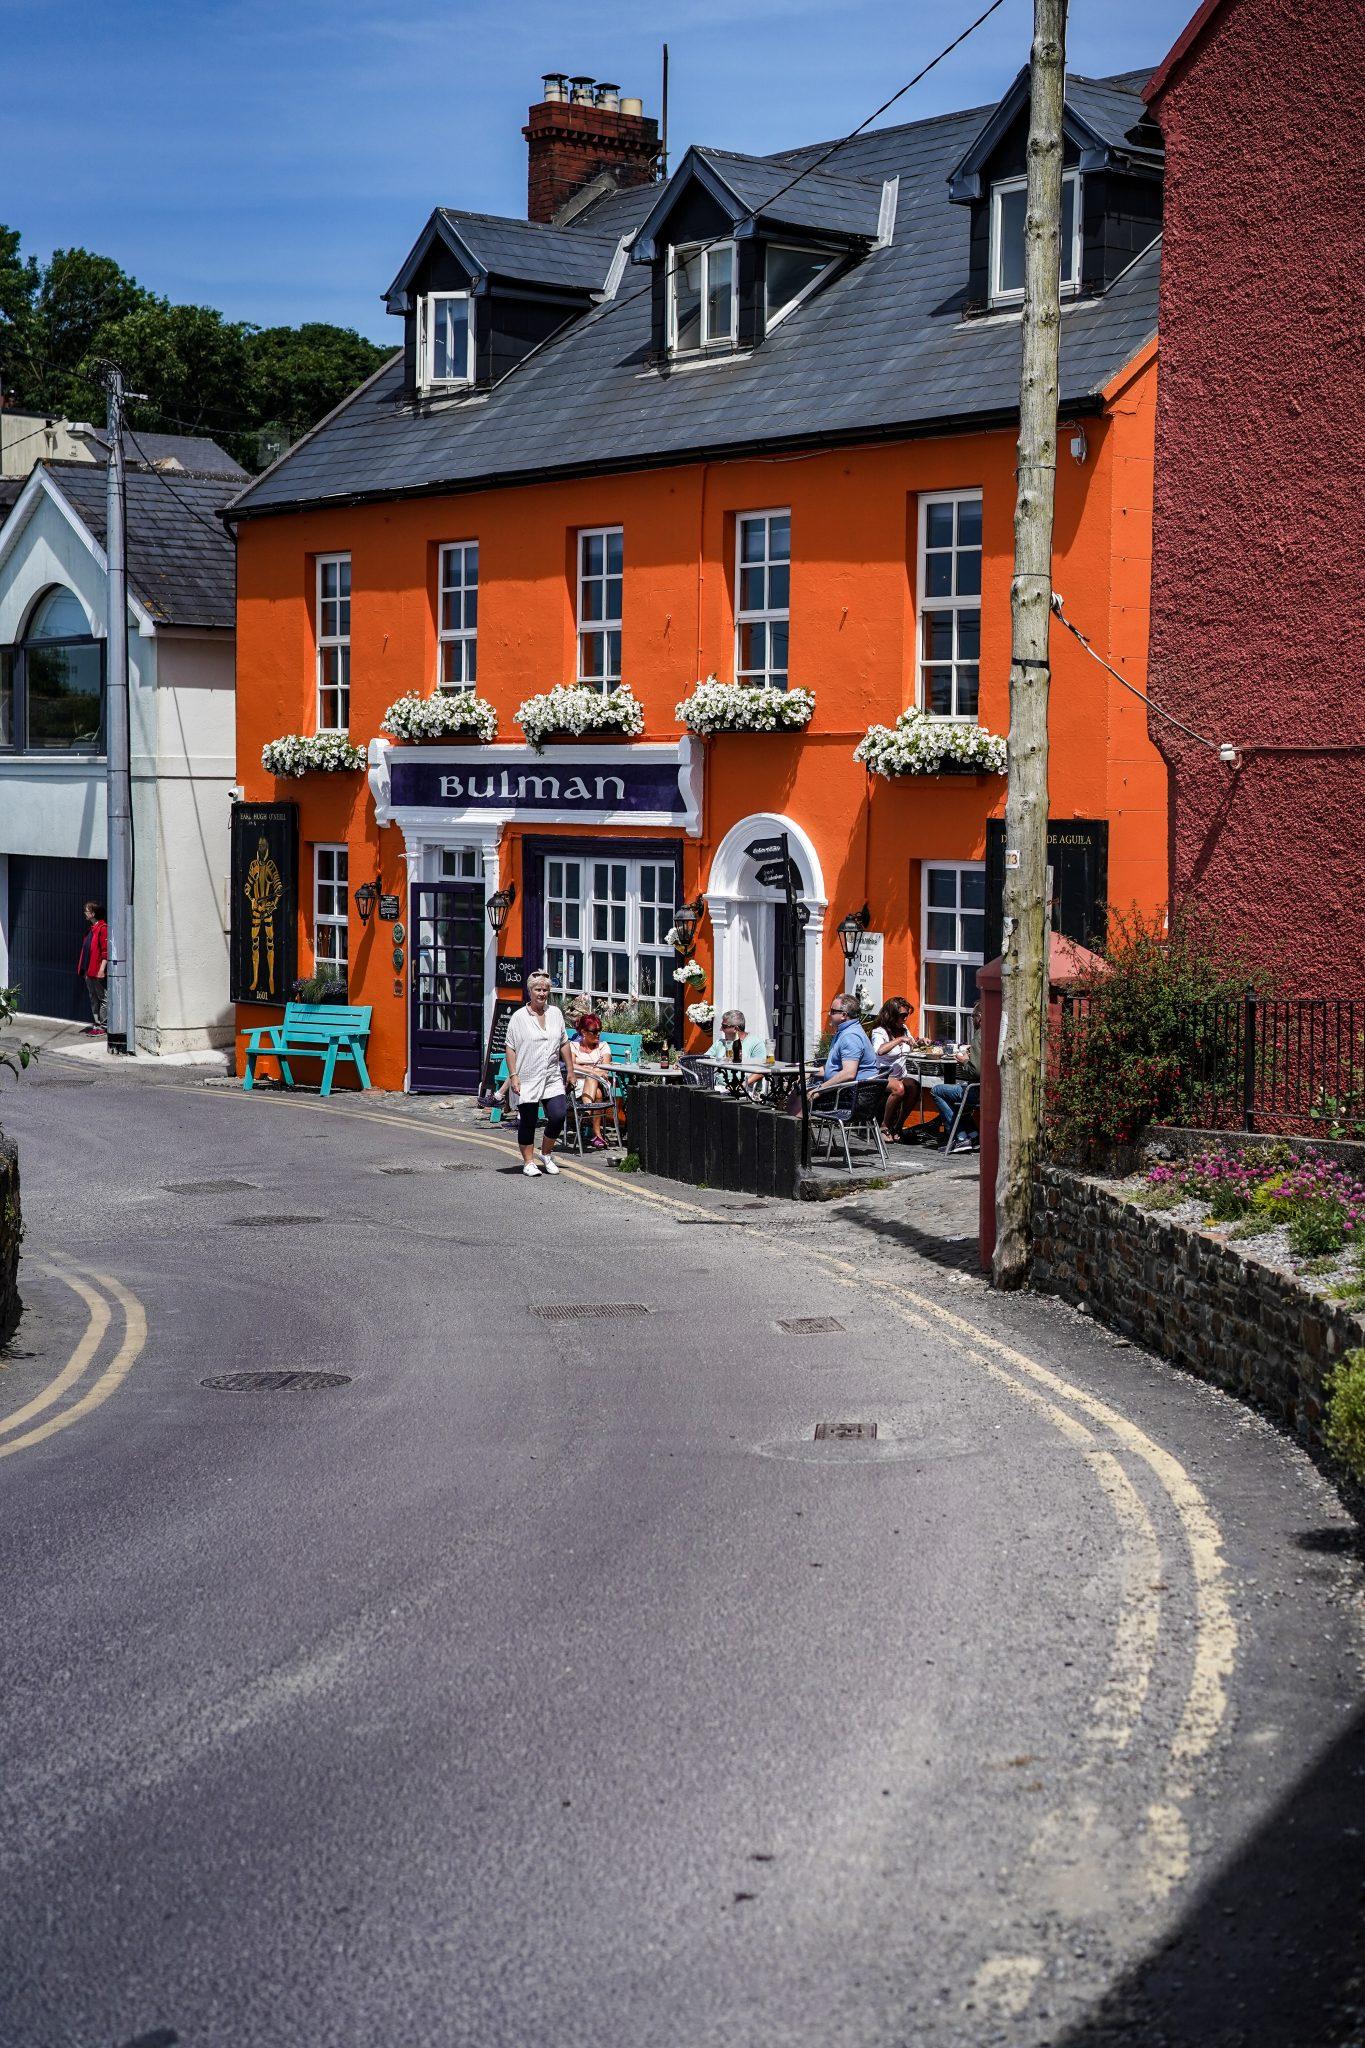 Kerrygold Irland 88 | Vor ein paar Monaten waren wir auf einer wirklich unglaublichen Reise. Daher wird es mehr als Zeit euch von unserem Wochenende in Irland zu berichten! Gemeinsam mit Kerrygold ging es für uns nach Cork ... unser Ziel? Das Weidemilch-Prinzip kennenzulernen und das eben nicht auf dem Papier sondern vor Ort.